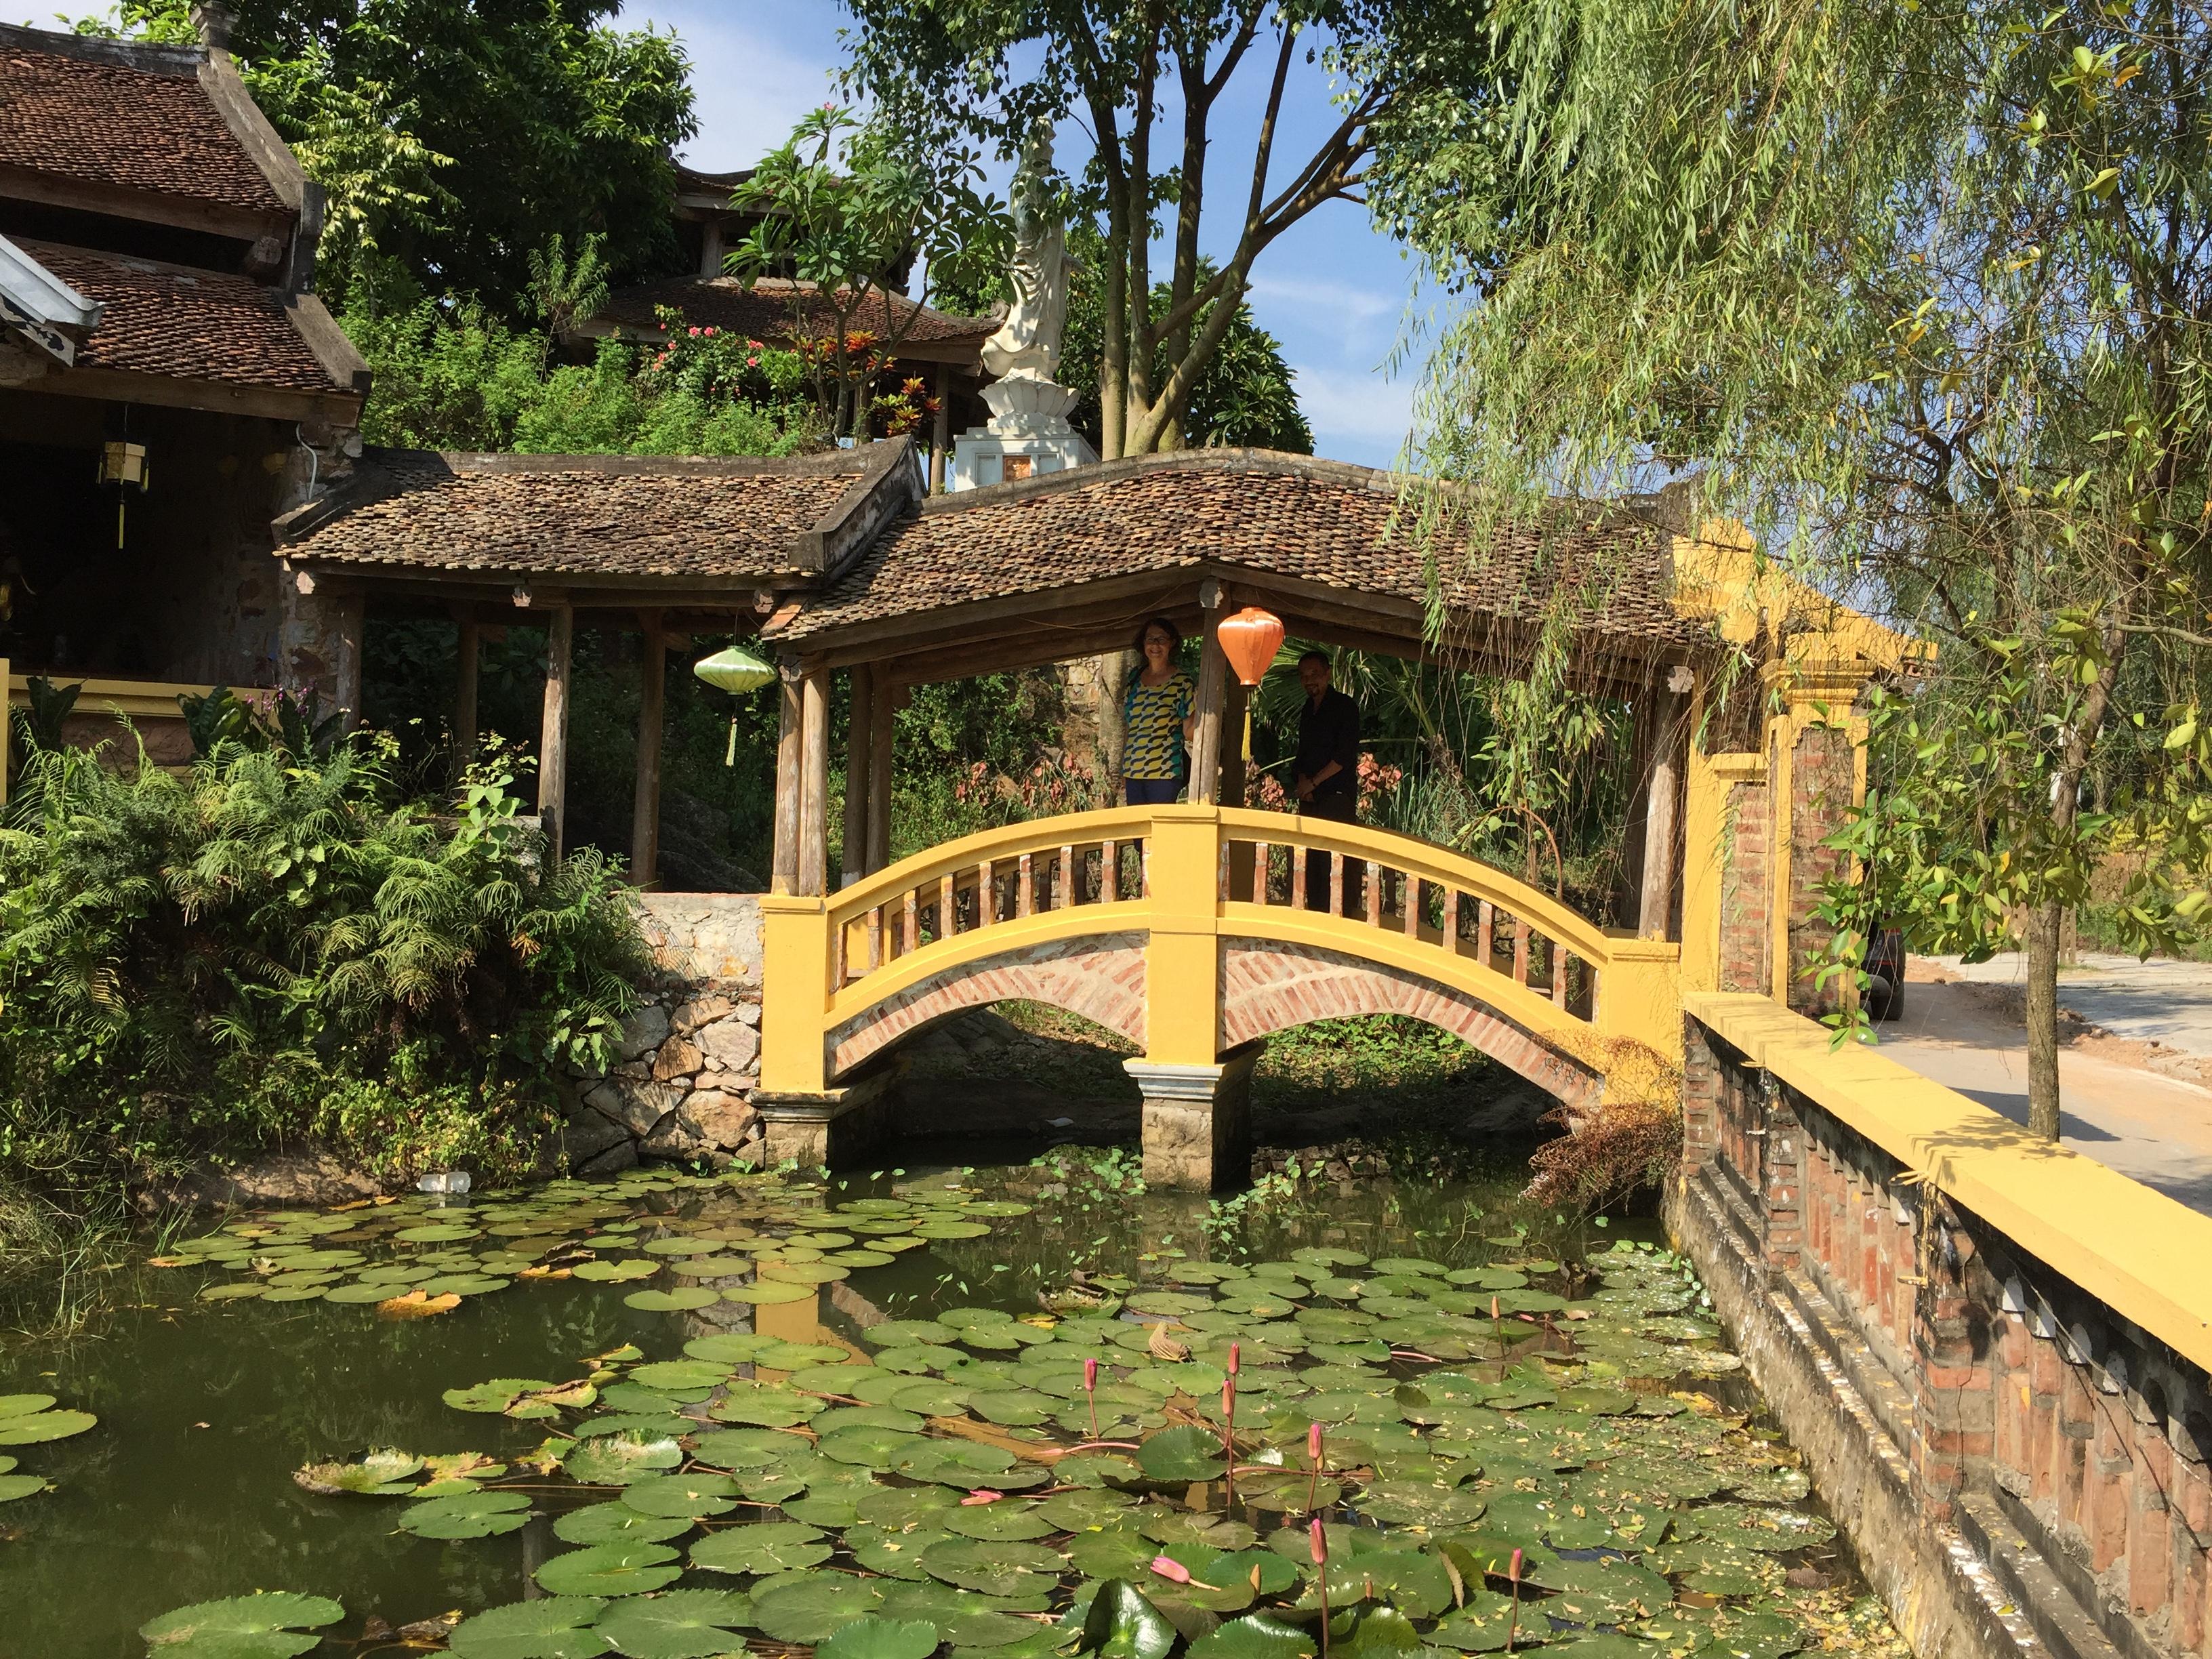 The House in Bắc Ninh | Sound Travels with Jeff von der Schmidt